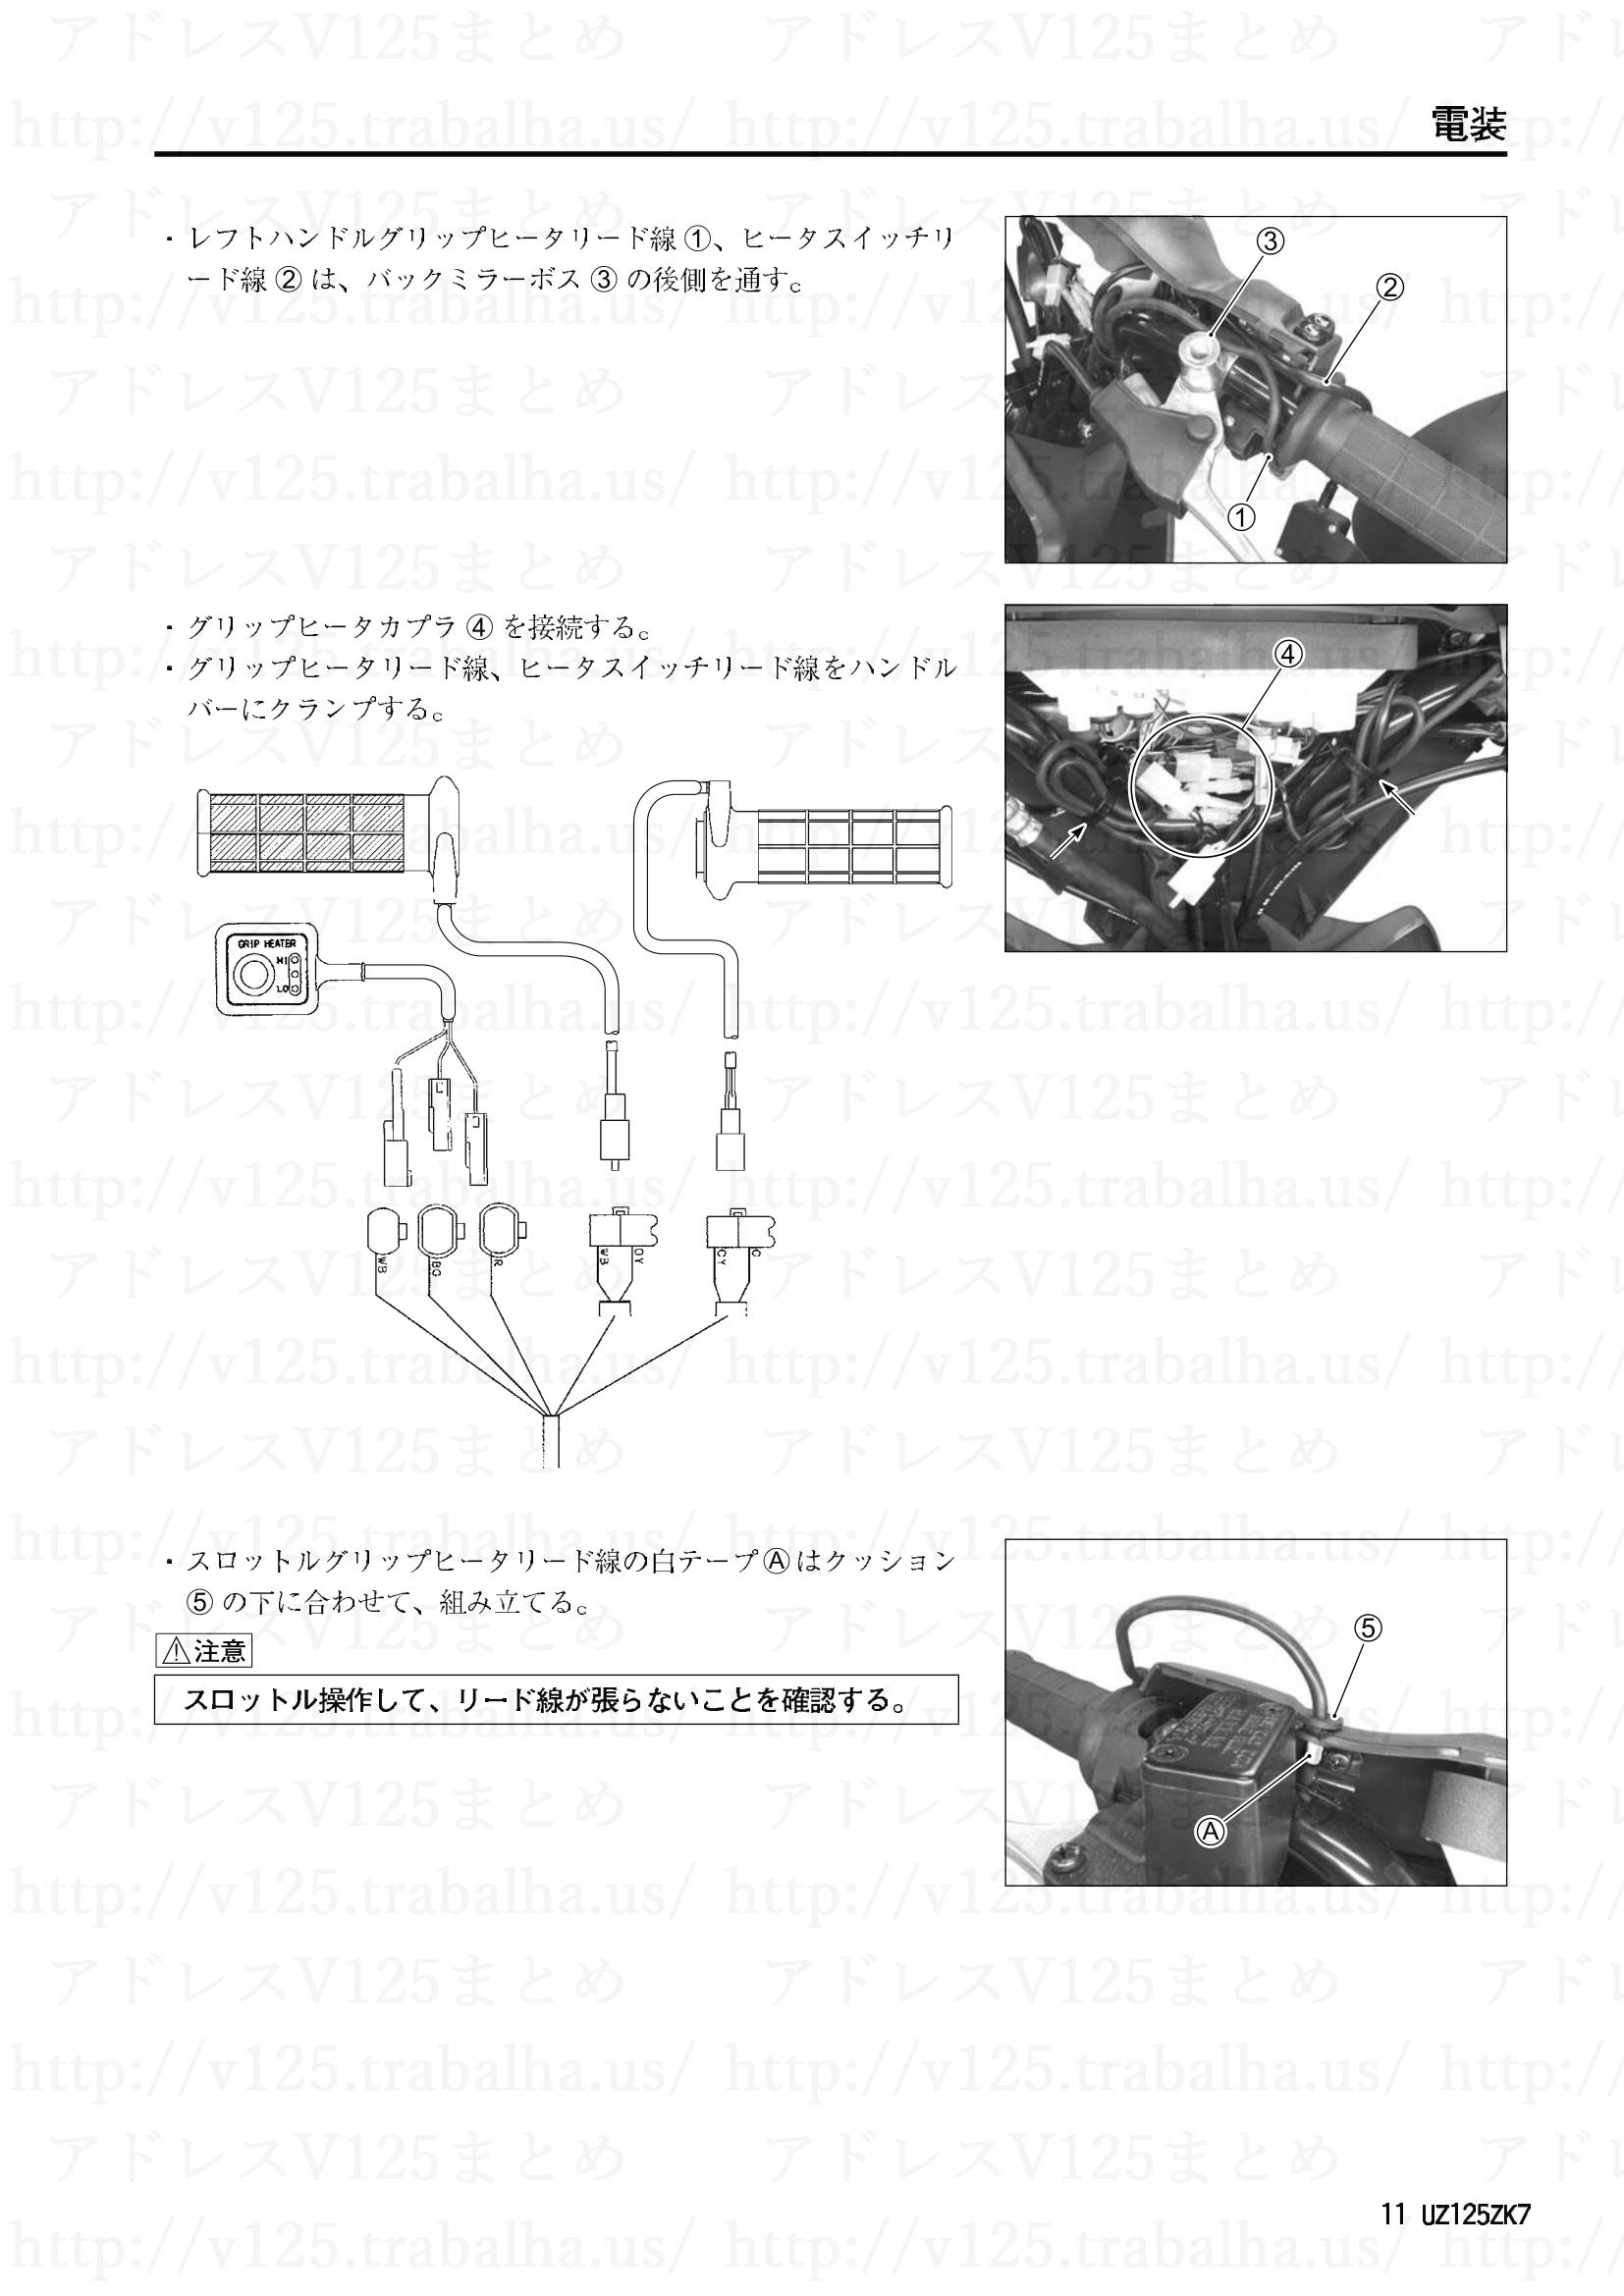 追補【UZ125ZK7】旧モデルとの主な相違点11